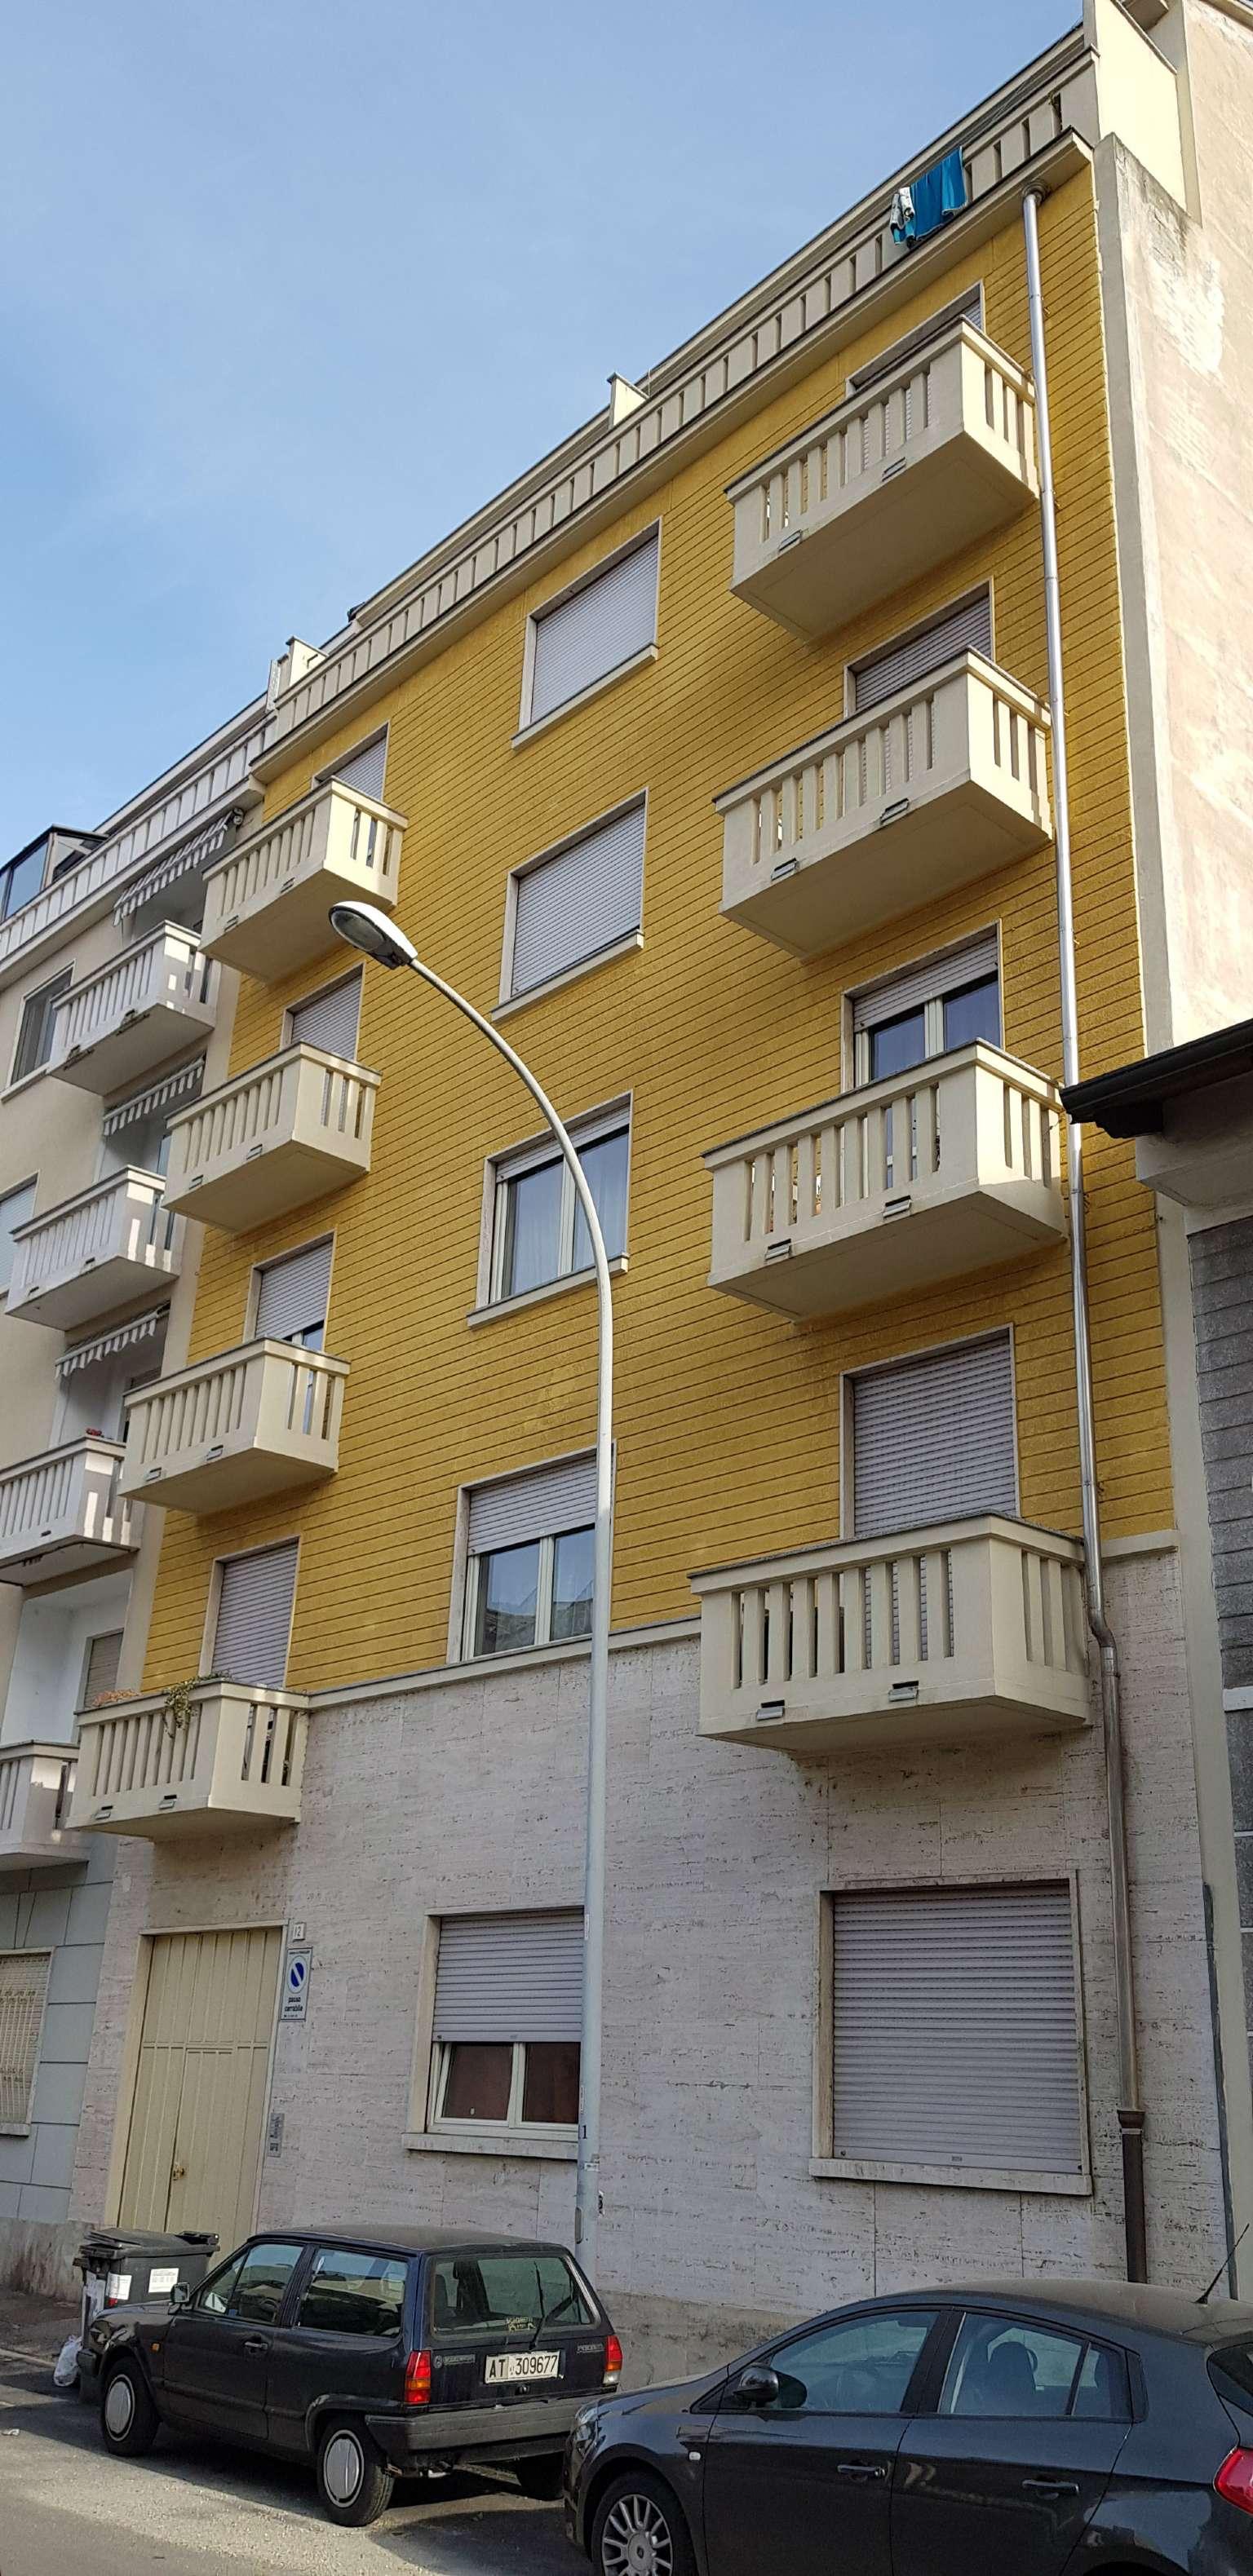 Appartamento in affitto a Moncalieri, 3 locali, prezzo € 390 | PortaleAgenzieImmobiliari.it